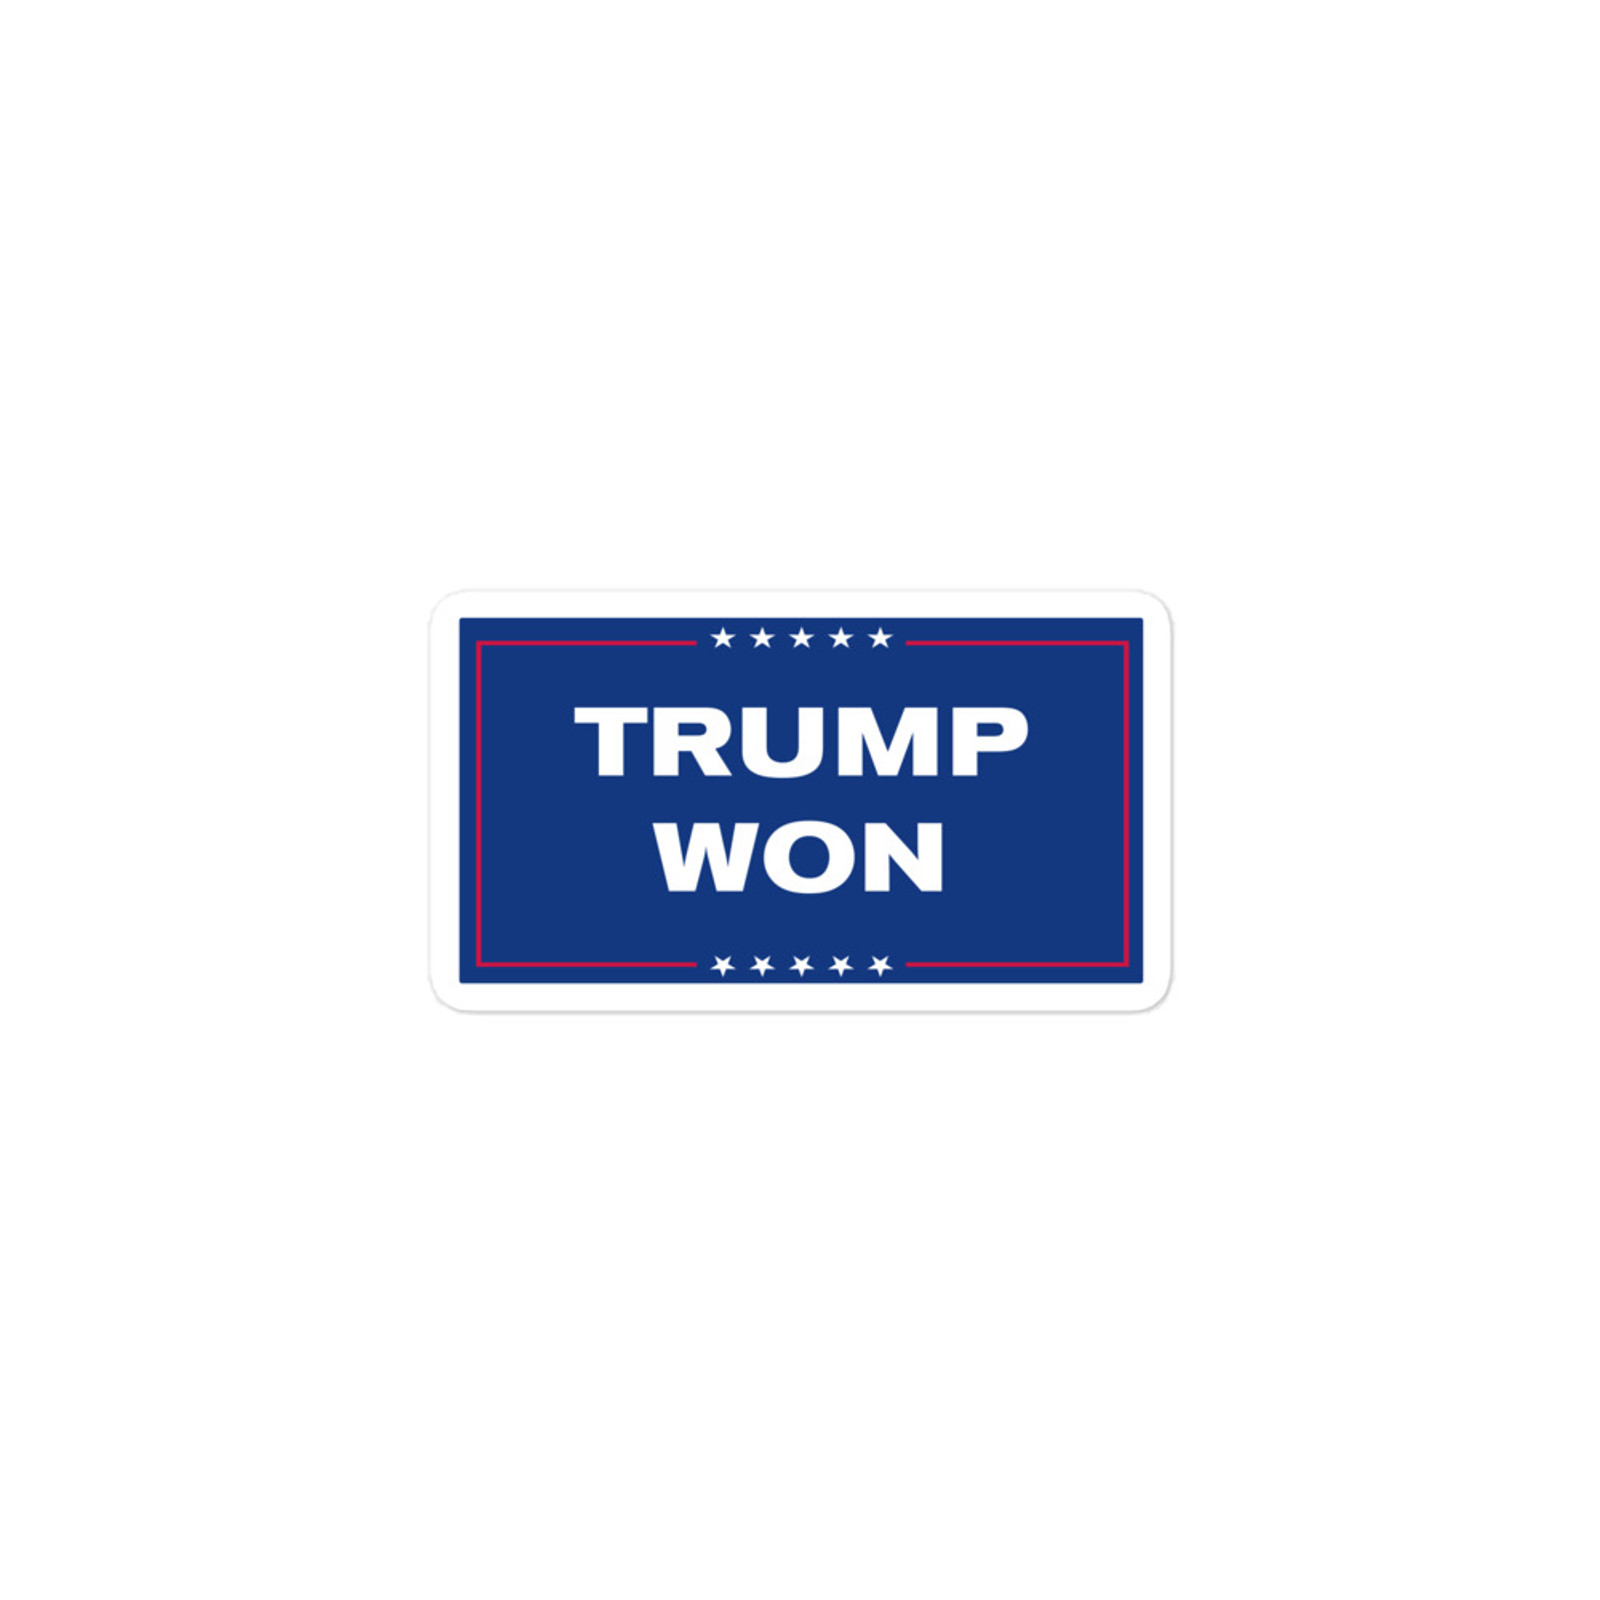 TRUMP WON Sticker